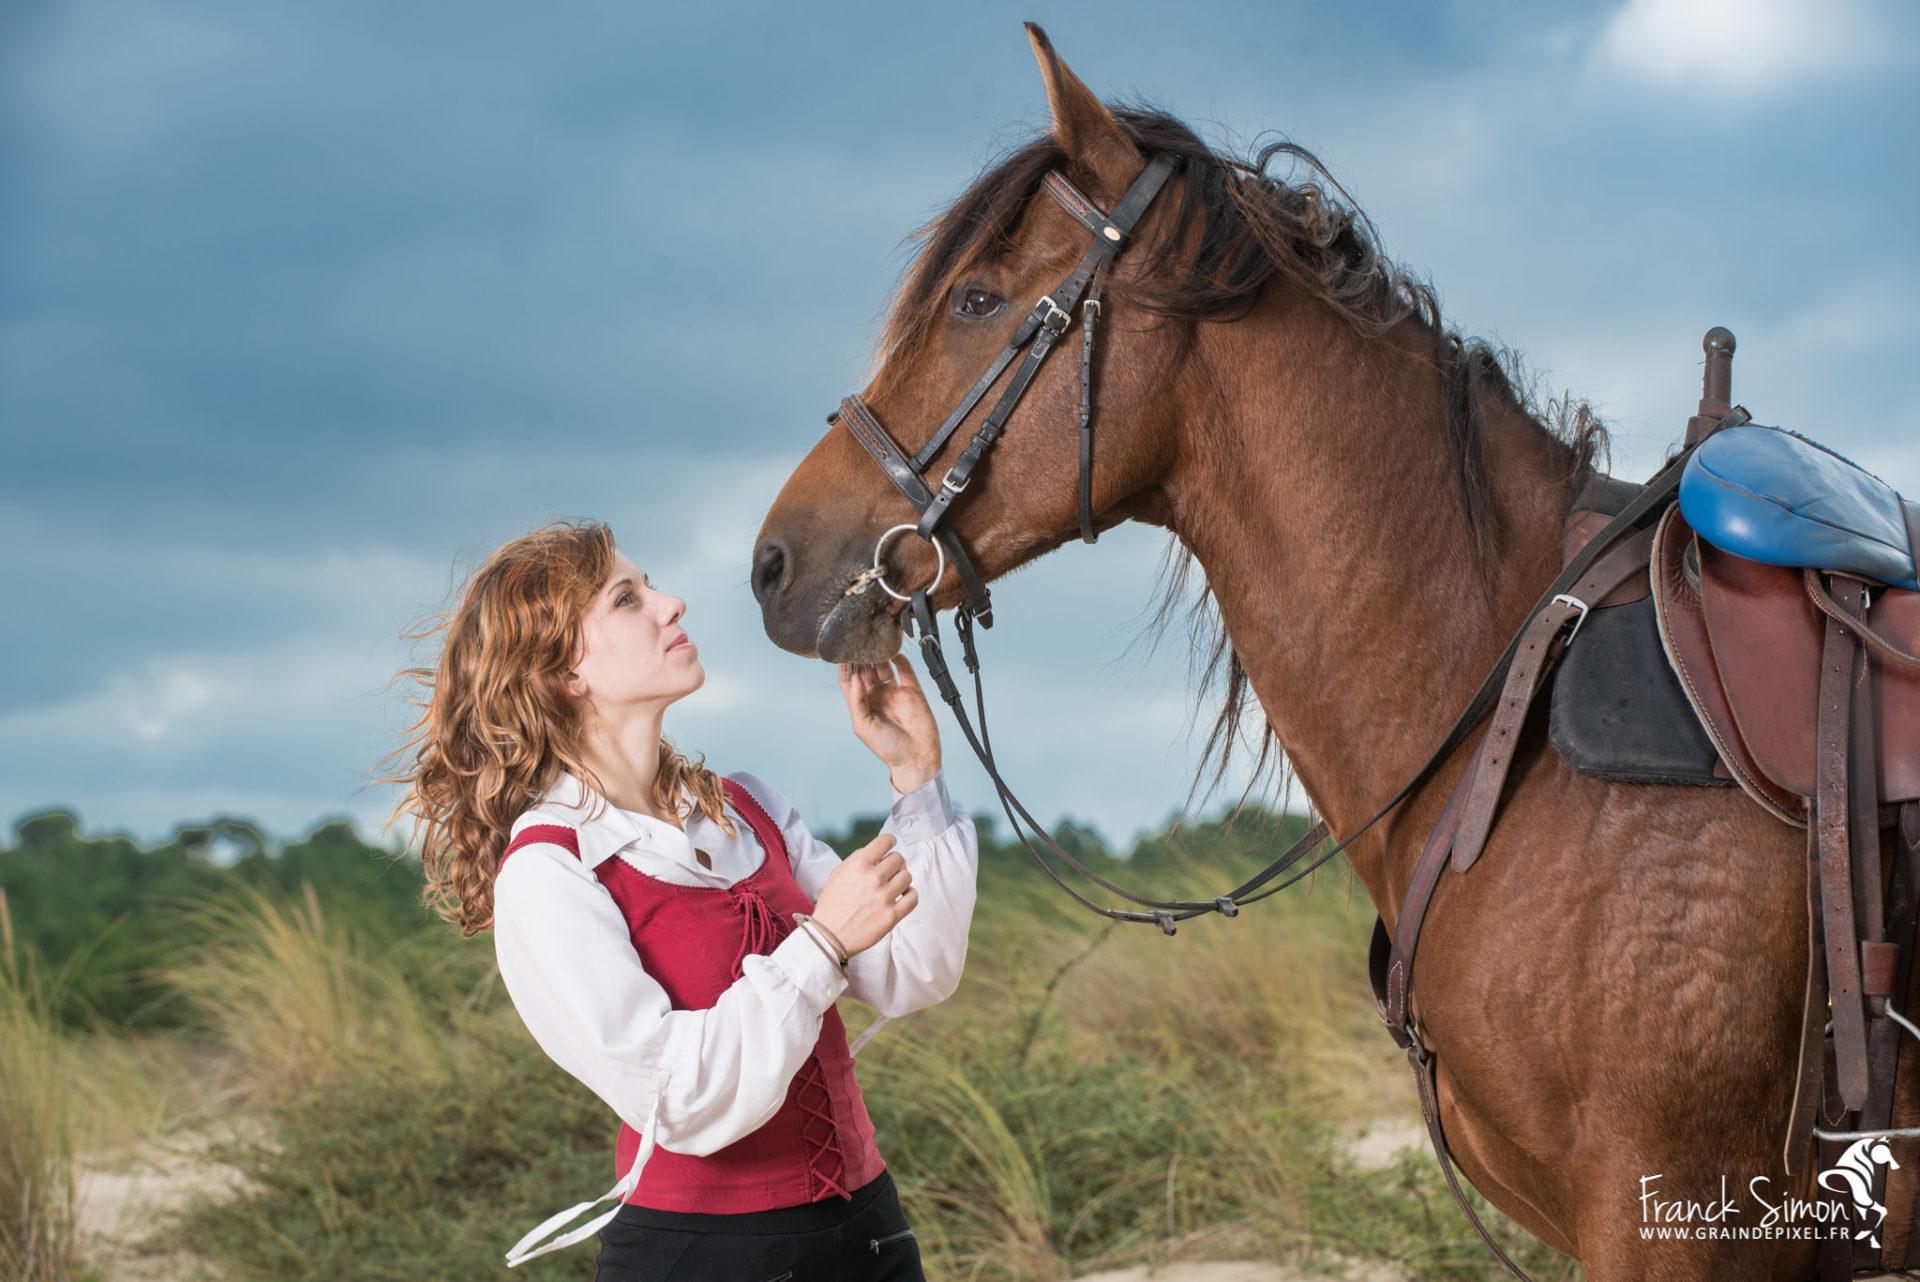 Séance photo équine, utilisation du flash avec le cheval en extérieur